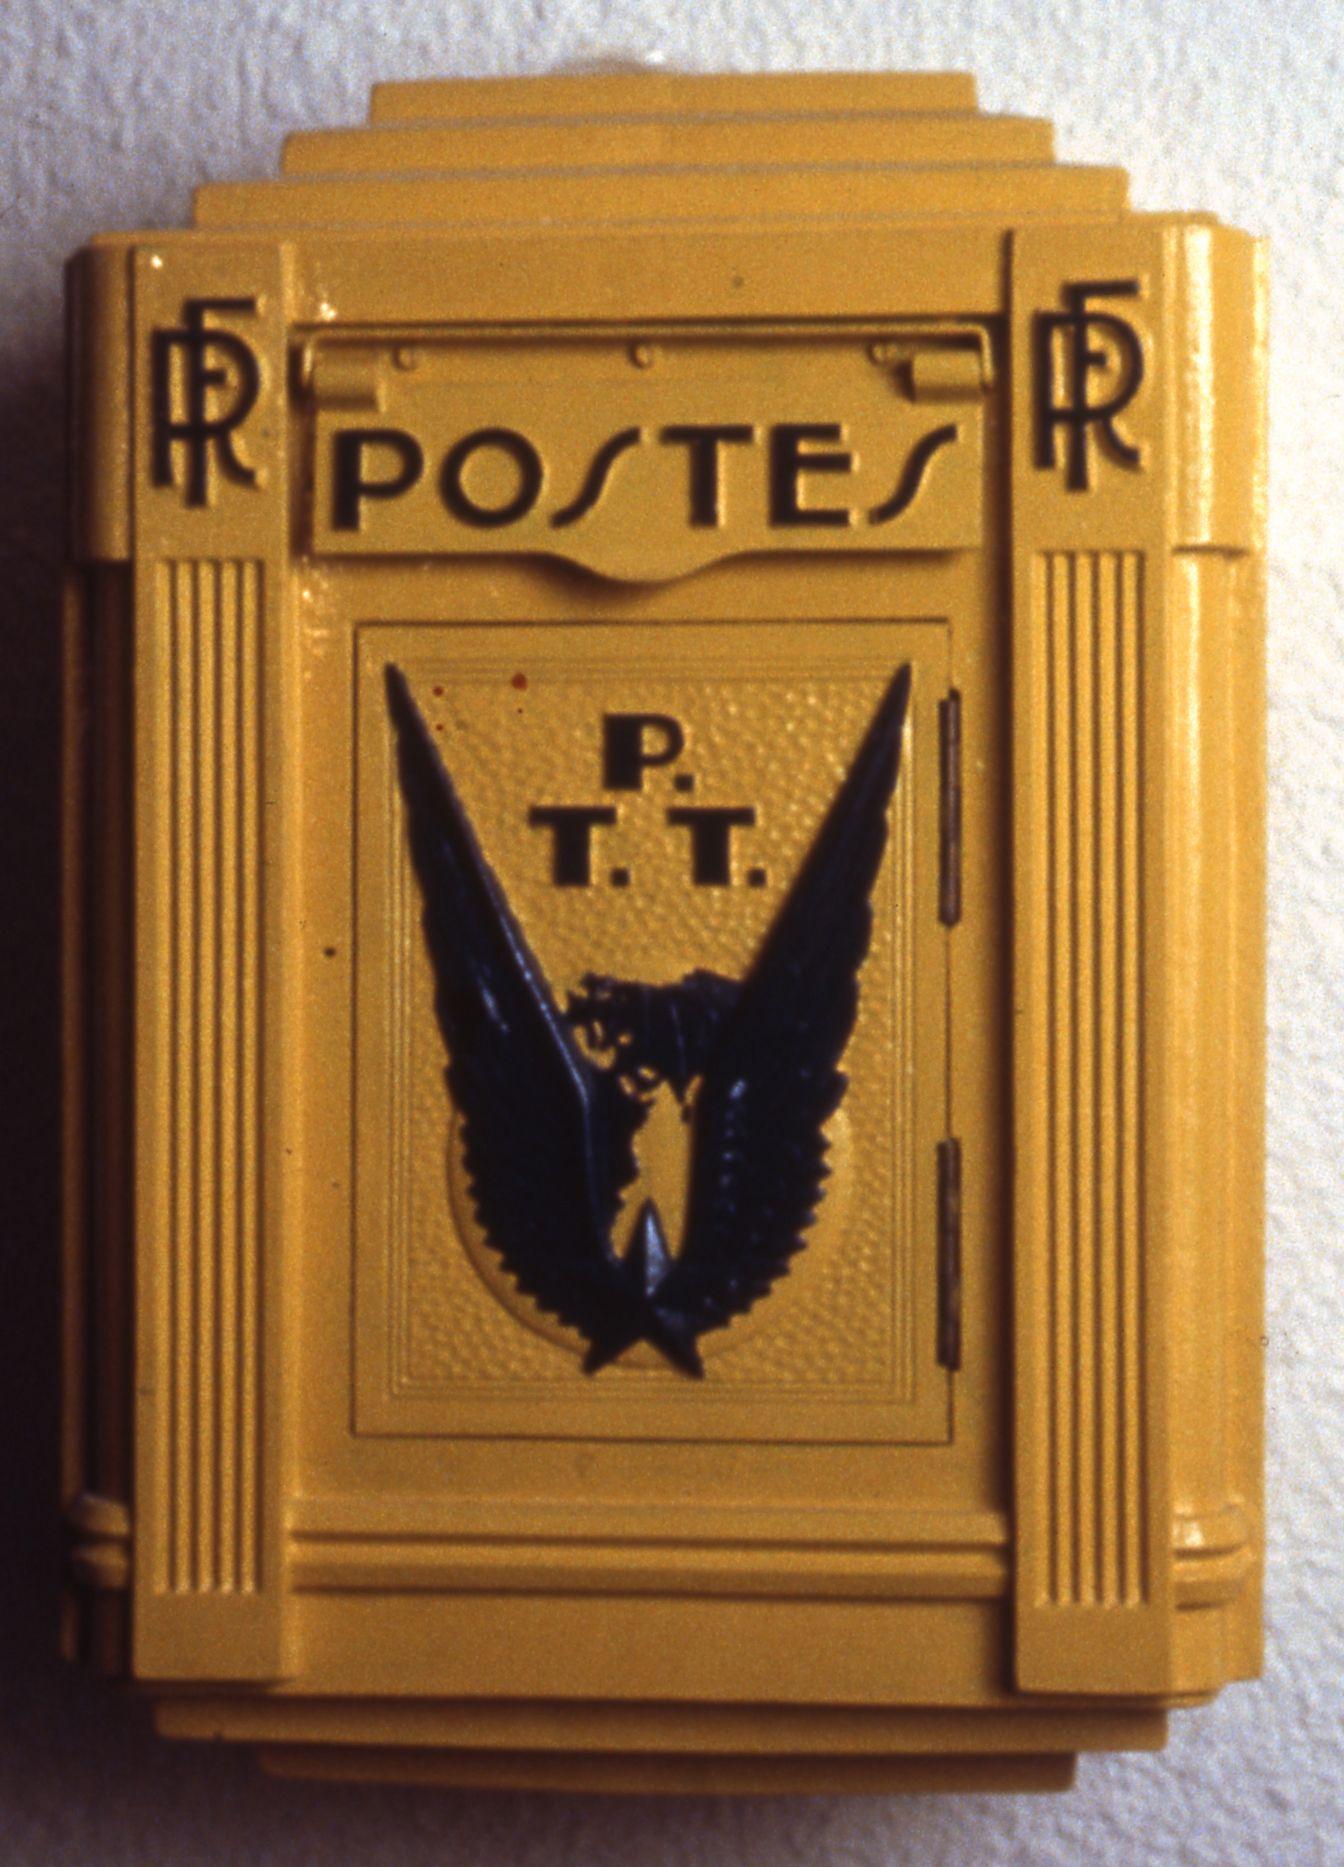 bo te aux lettres foulon pour la poste a rienne 1932 l 39 adresse mus e de la poste la poste. Black Bedroom Furniture Sets. Home Design Ideas